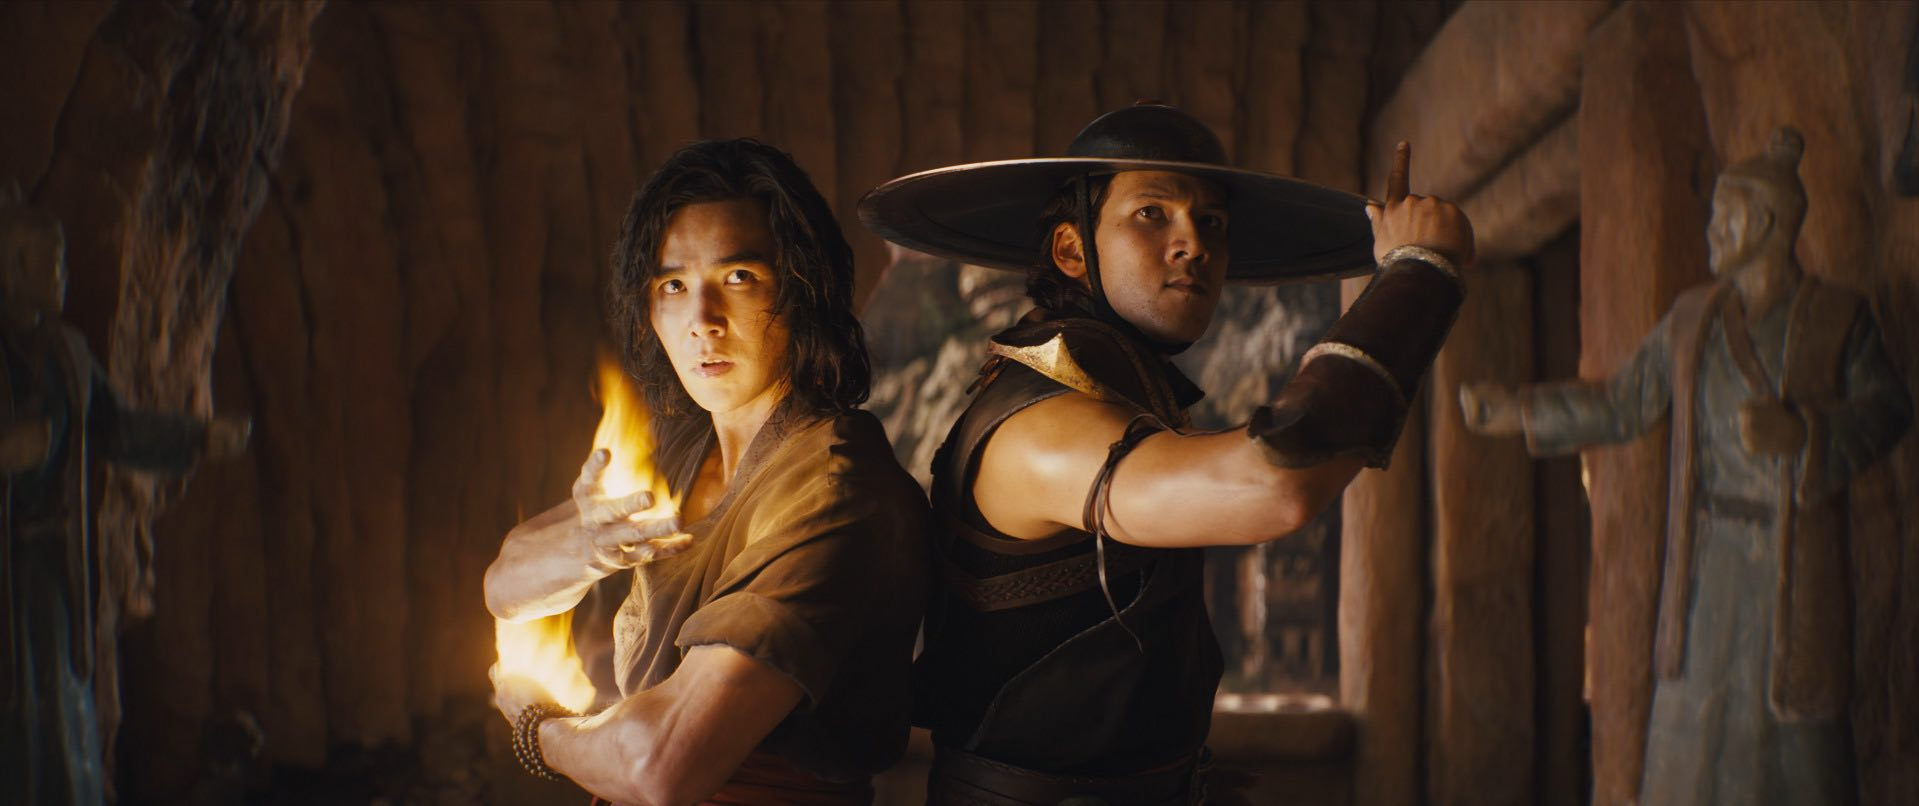 Mortal Kombat: el esperado trailer oficial sucumbe las redes sociales